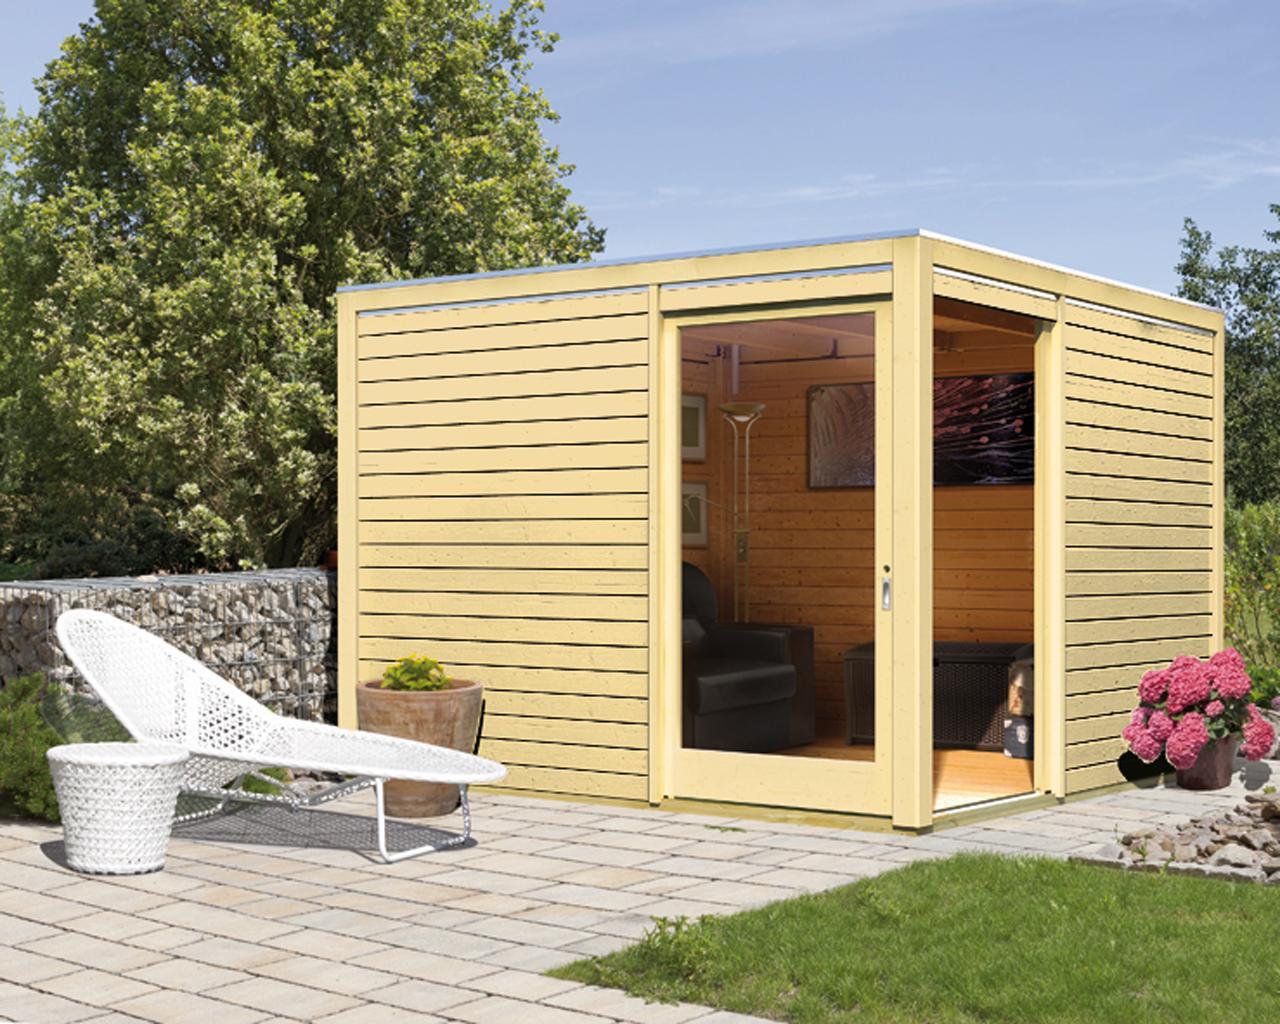 Abri de jardin toit plat la redoute - Abri de jardin et balancoire idée